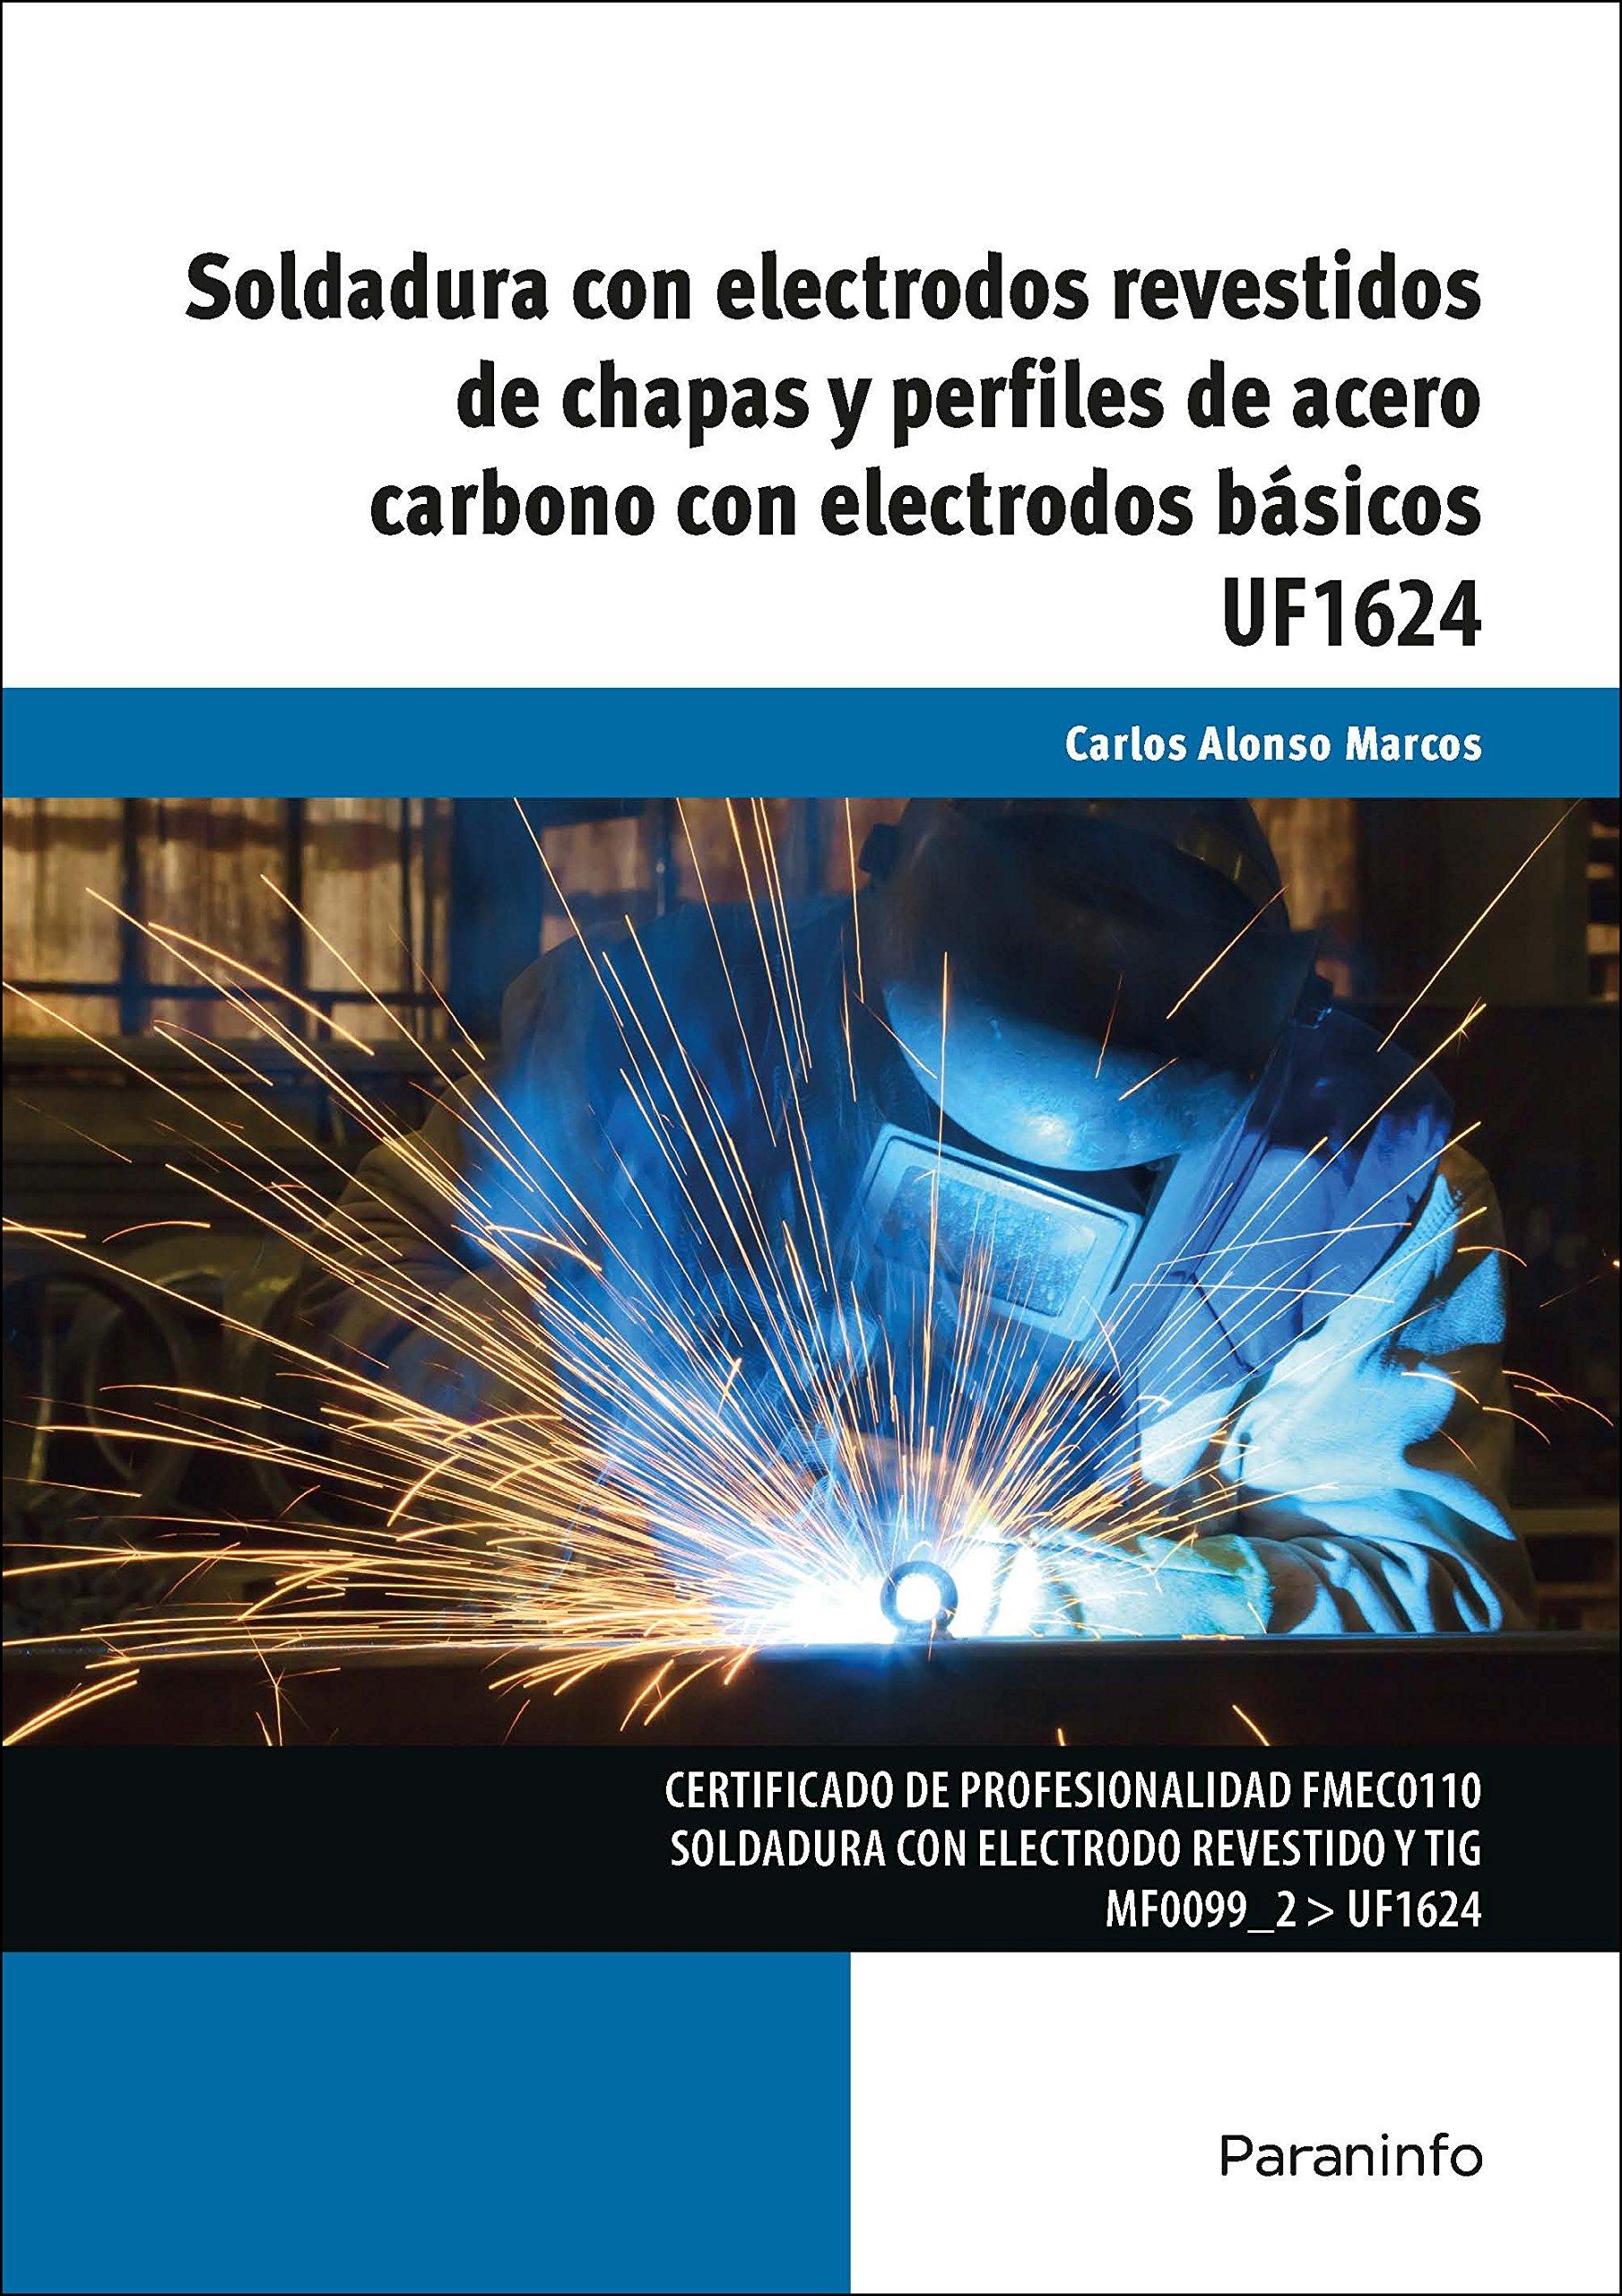 Soldadura con electrodos revestidos de chapas y perfiles de acero carbono con electrodos básicos: Amazon.es: CARLOS ALONSO MARCOS: Libros